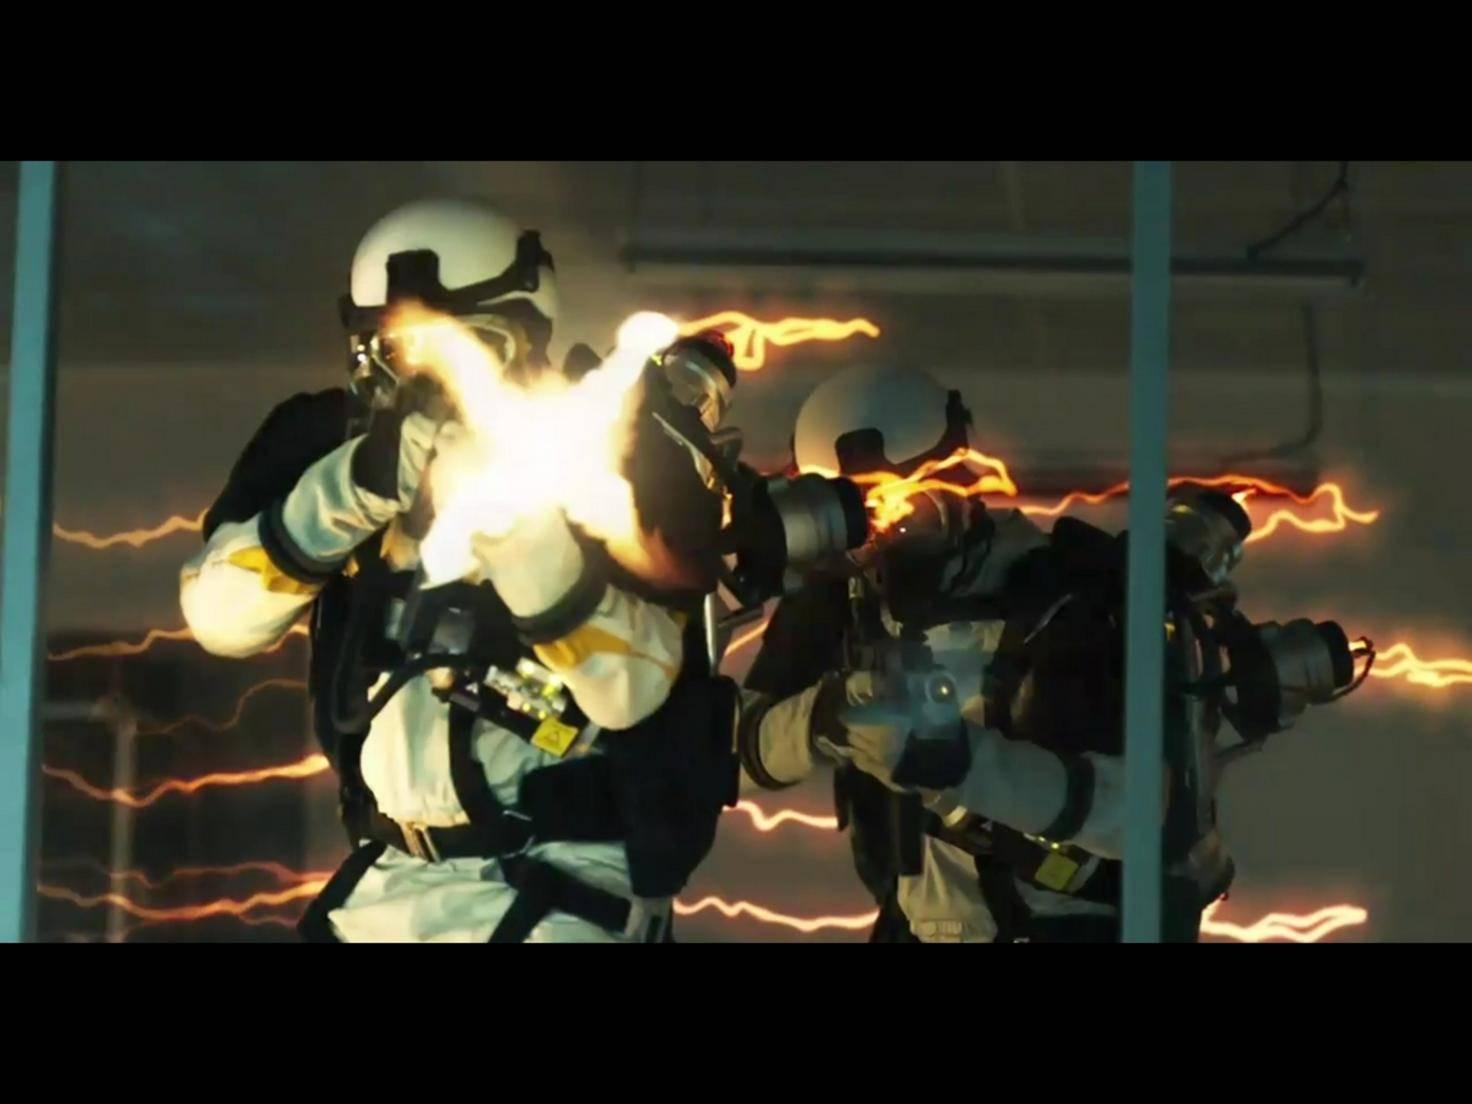 Die Serie hat auch einige Action-Sequenzen zu bieten.